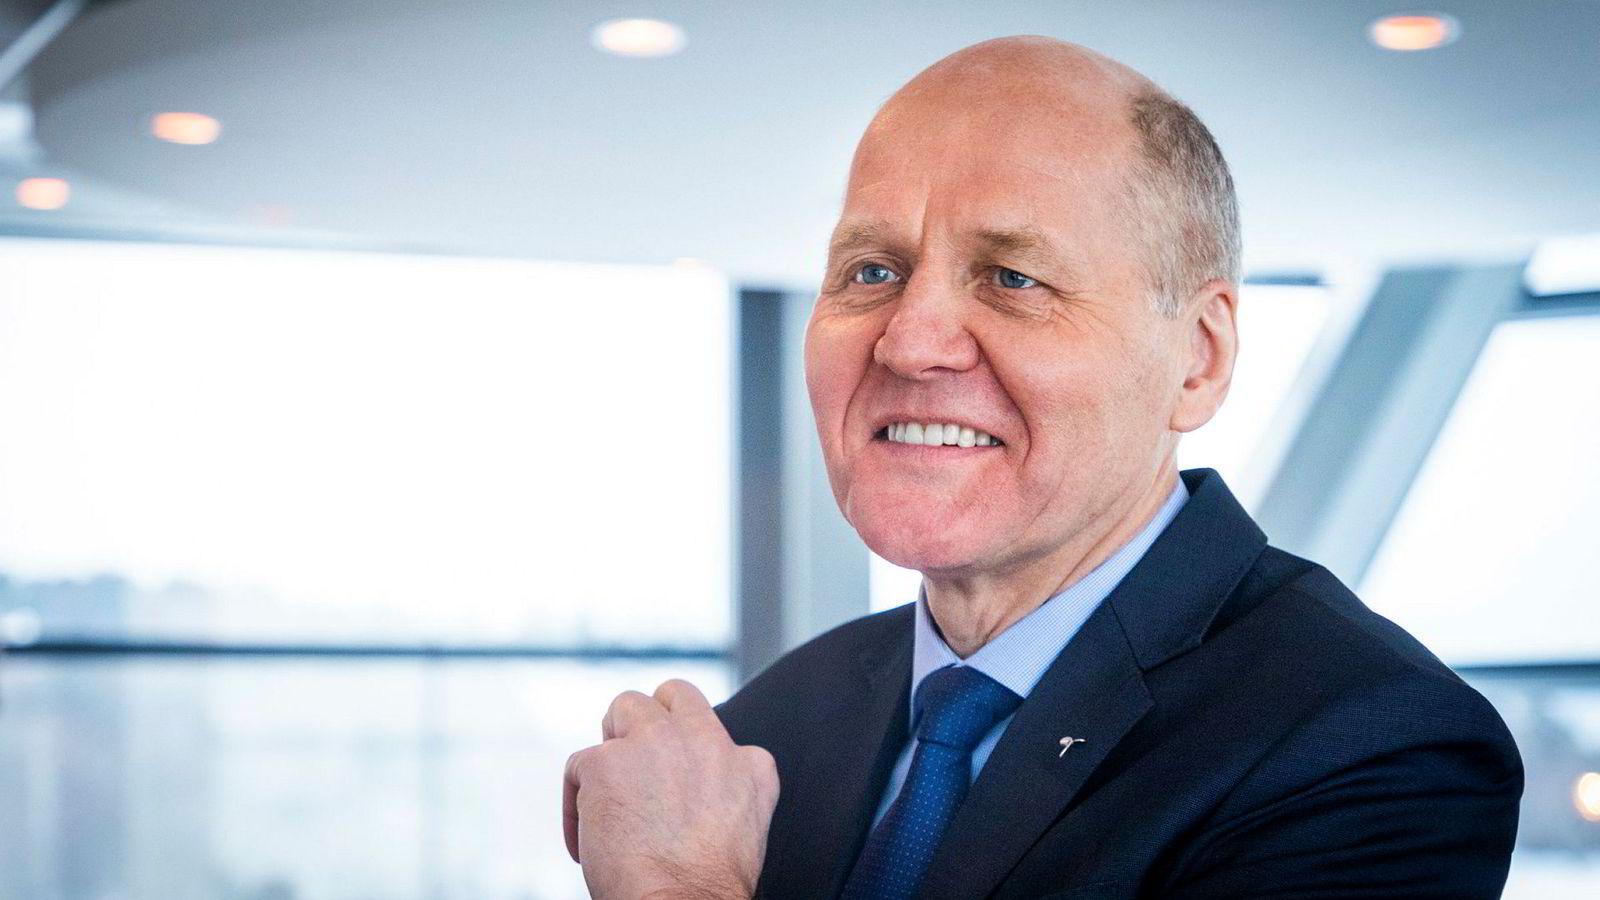 – Jeg er veldig fornøyd med å kunngjøre dagens transaksjon og vår inntreden i Finland, det raskest voksende mobilmarkedet i Europa, sier Telenor-sjef Sigve Brekke.